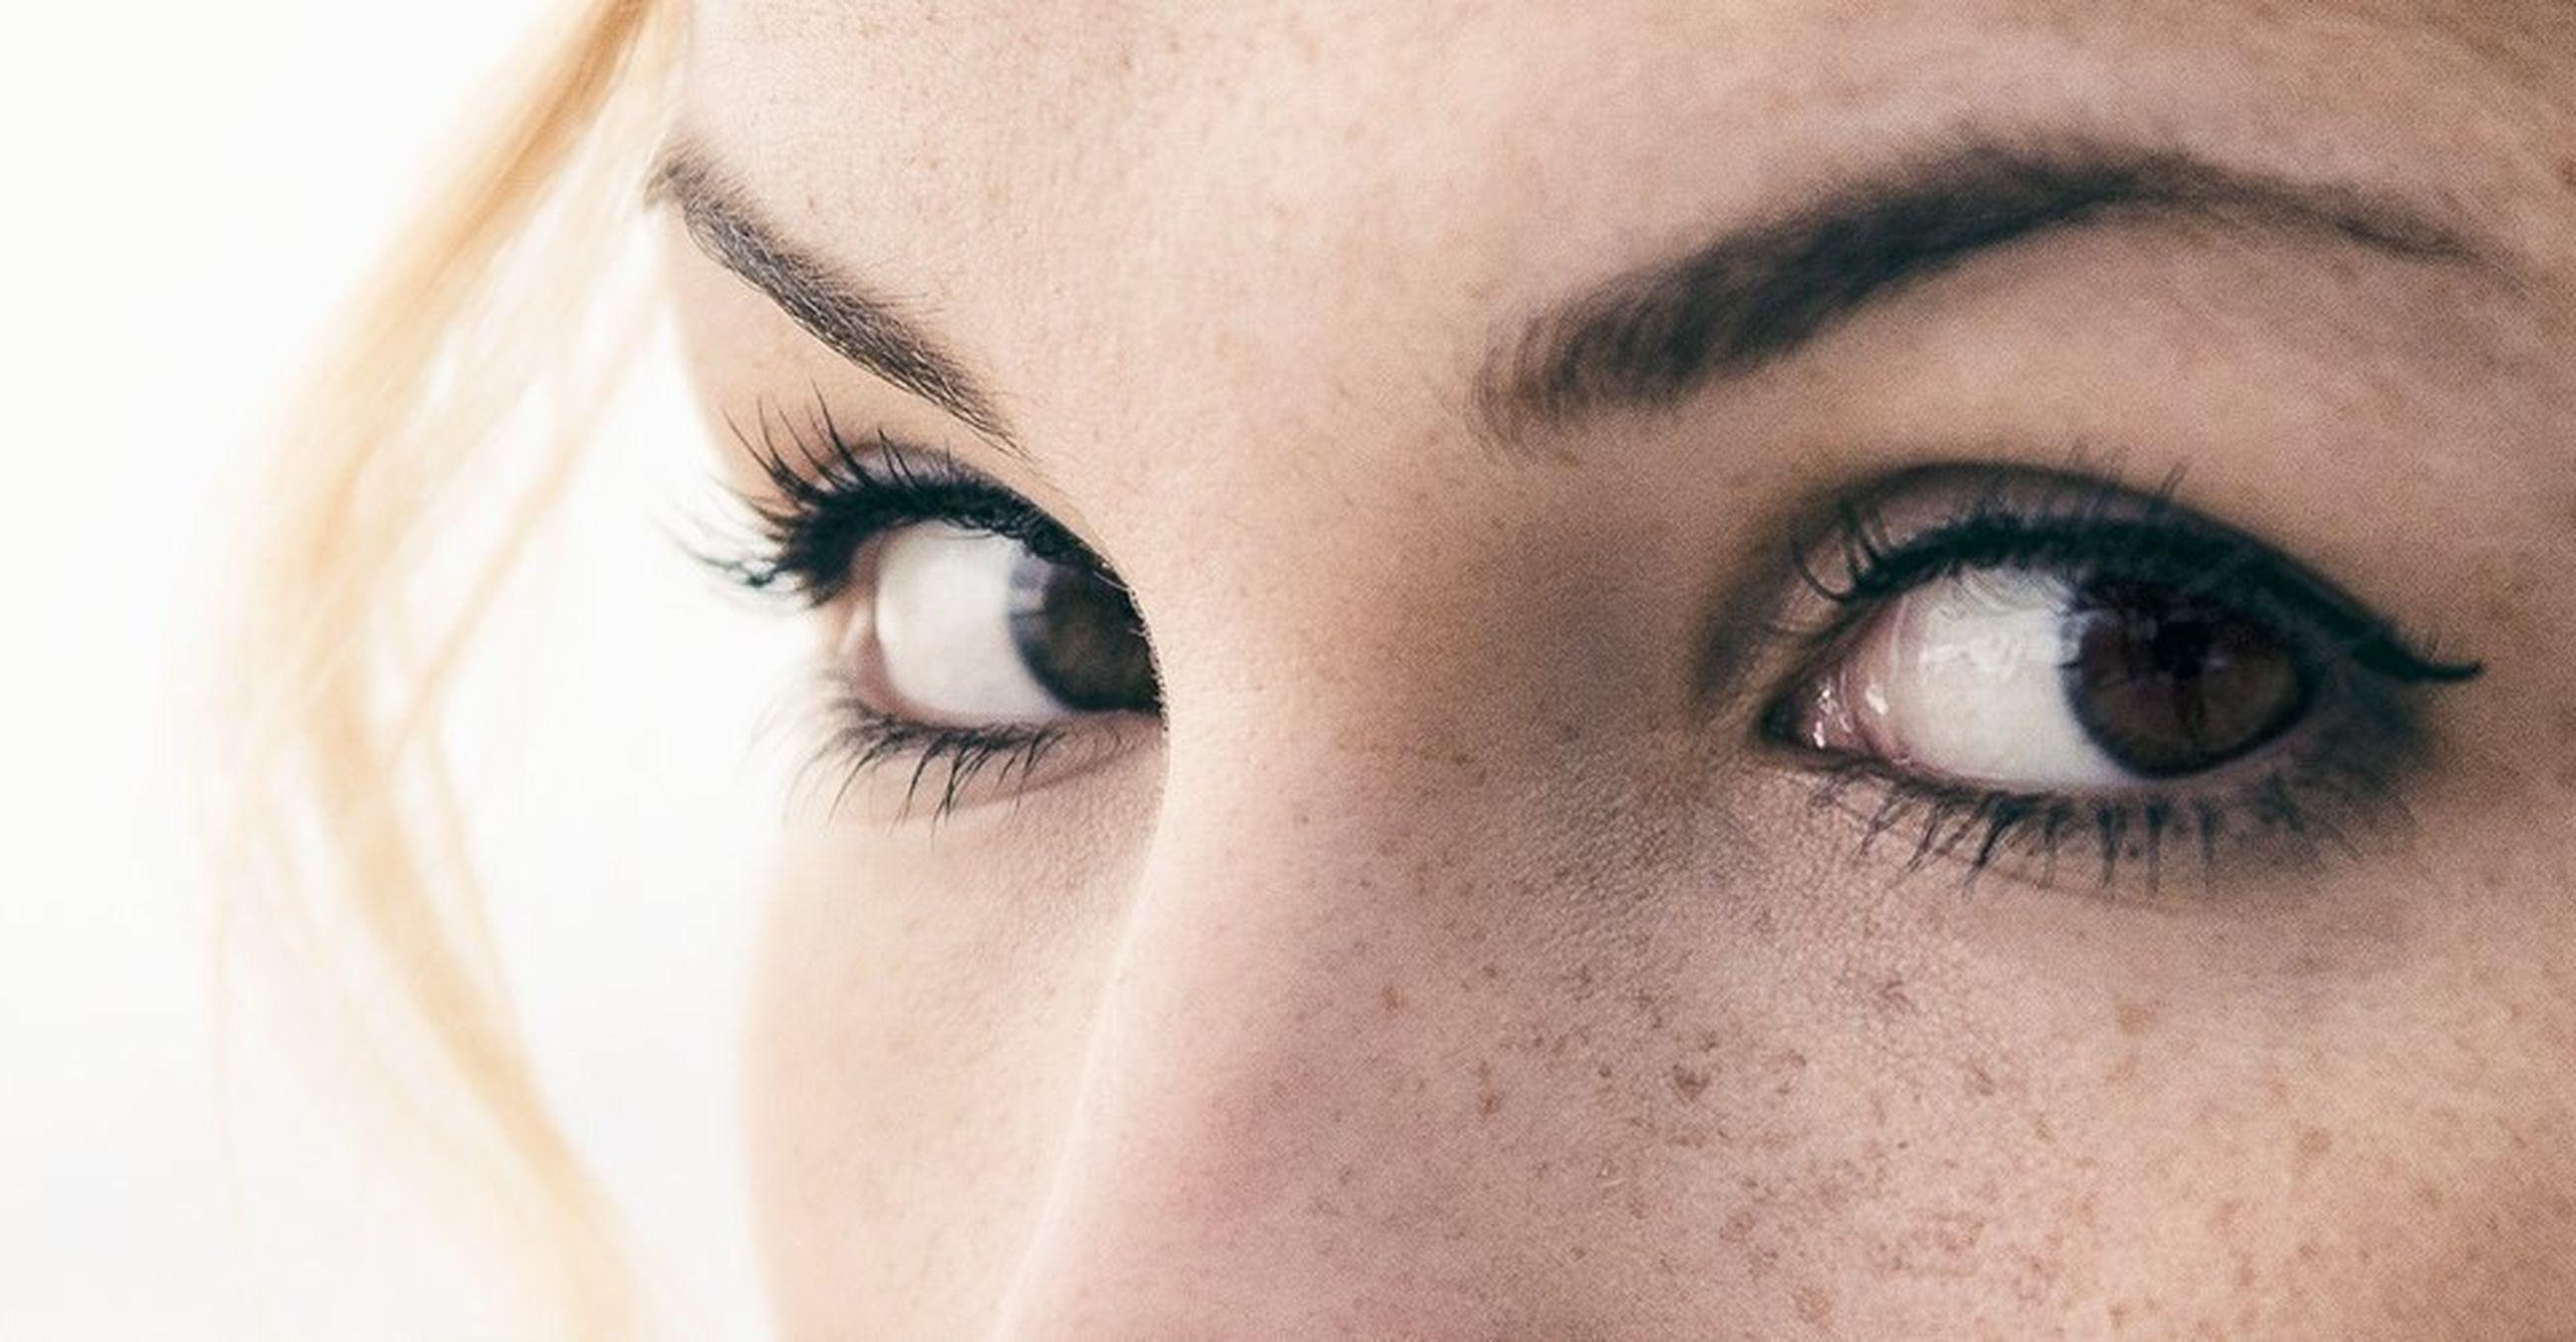 close-up, human eye, indoors, part of, human skin, eyelash, human face, eyesight, sensory perception, looking at camera, extreme close-up, portrait, lifestyles, headshot, cropped, extreme close up, eyeball